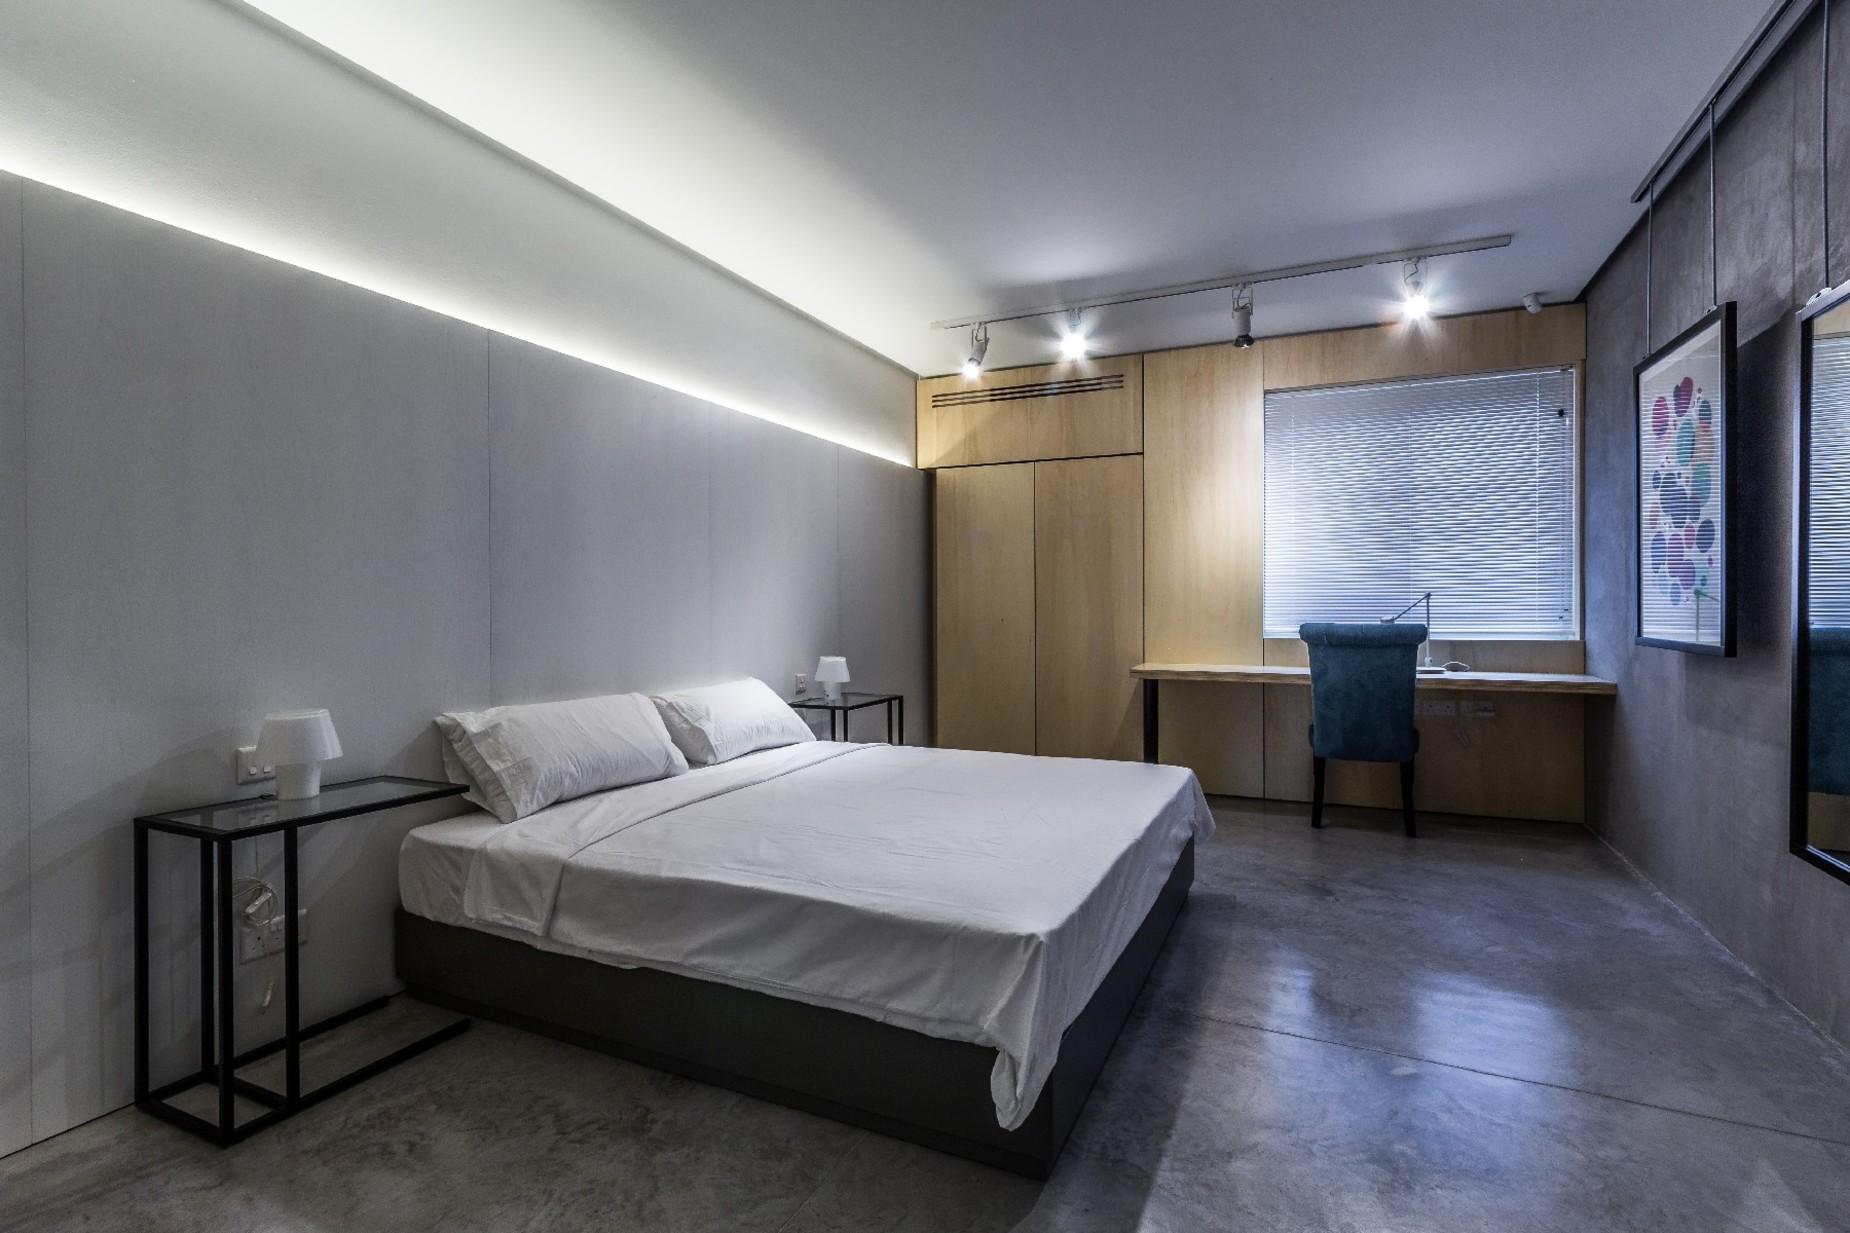 3 bed Apartment For Sale in Ta' Xbiex, Ta' Xbiex - thumb 12